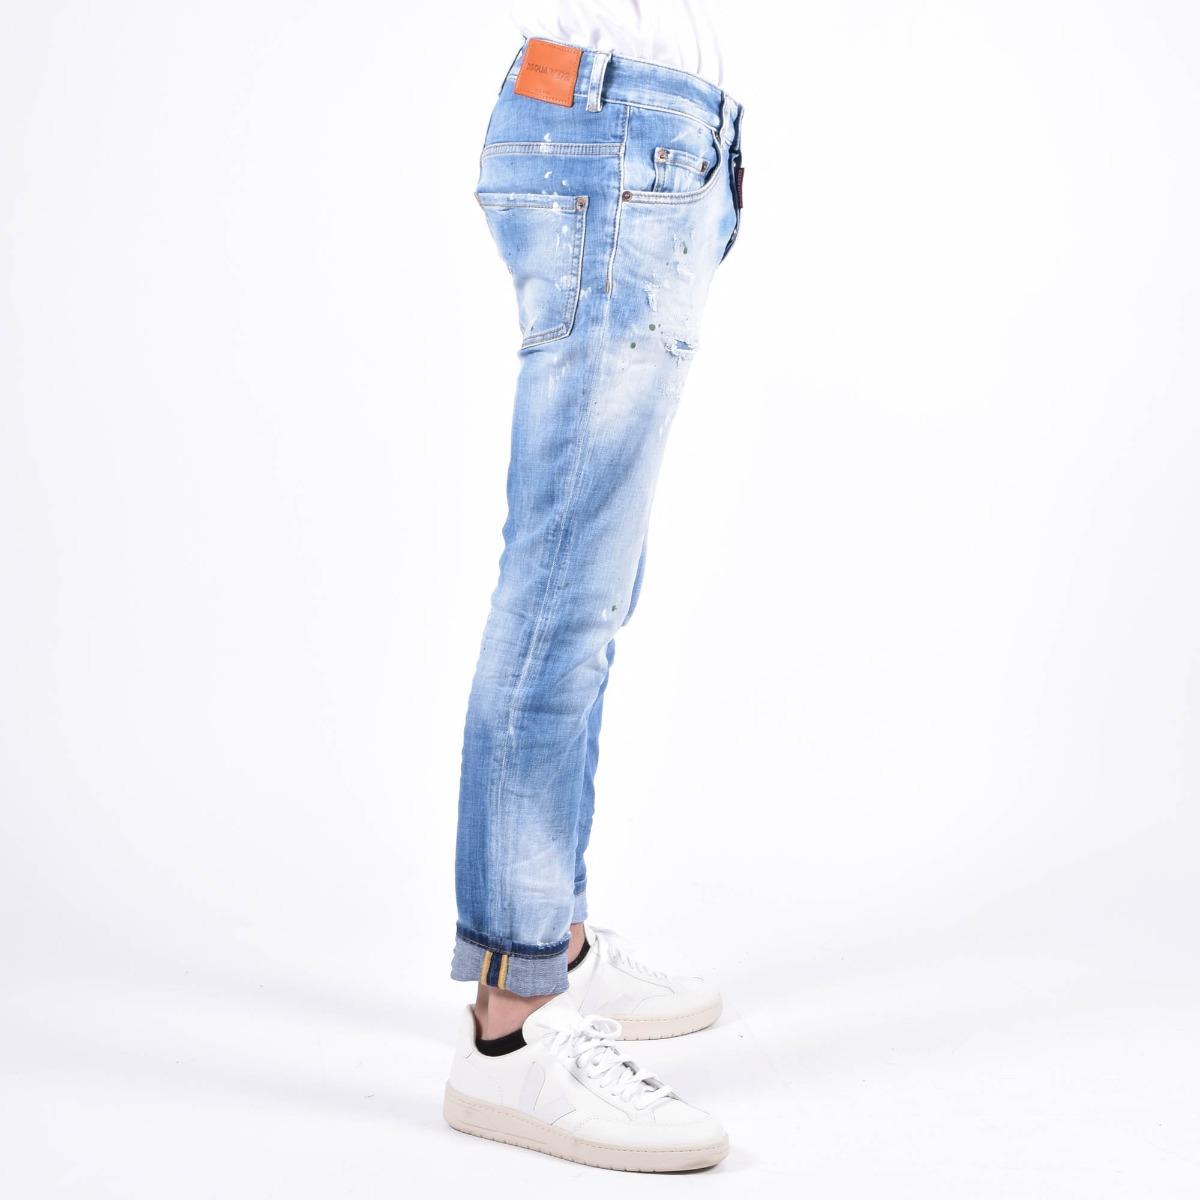 Jeans skater- Denim